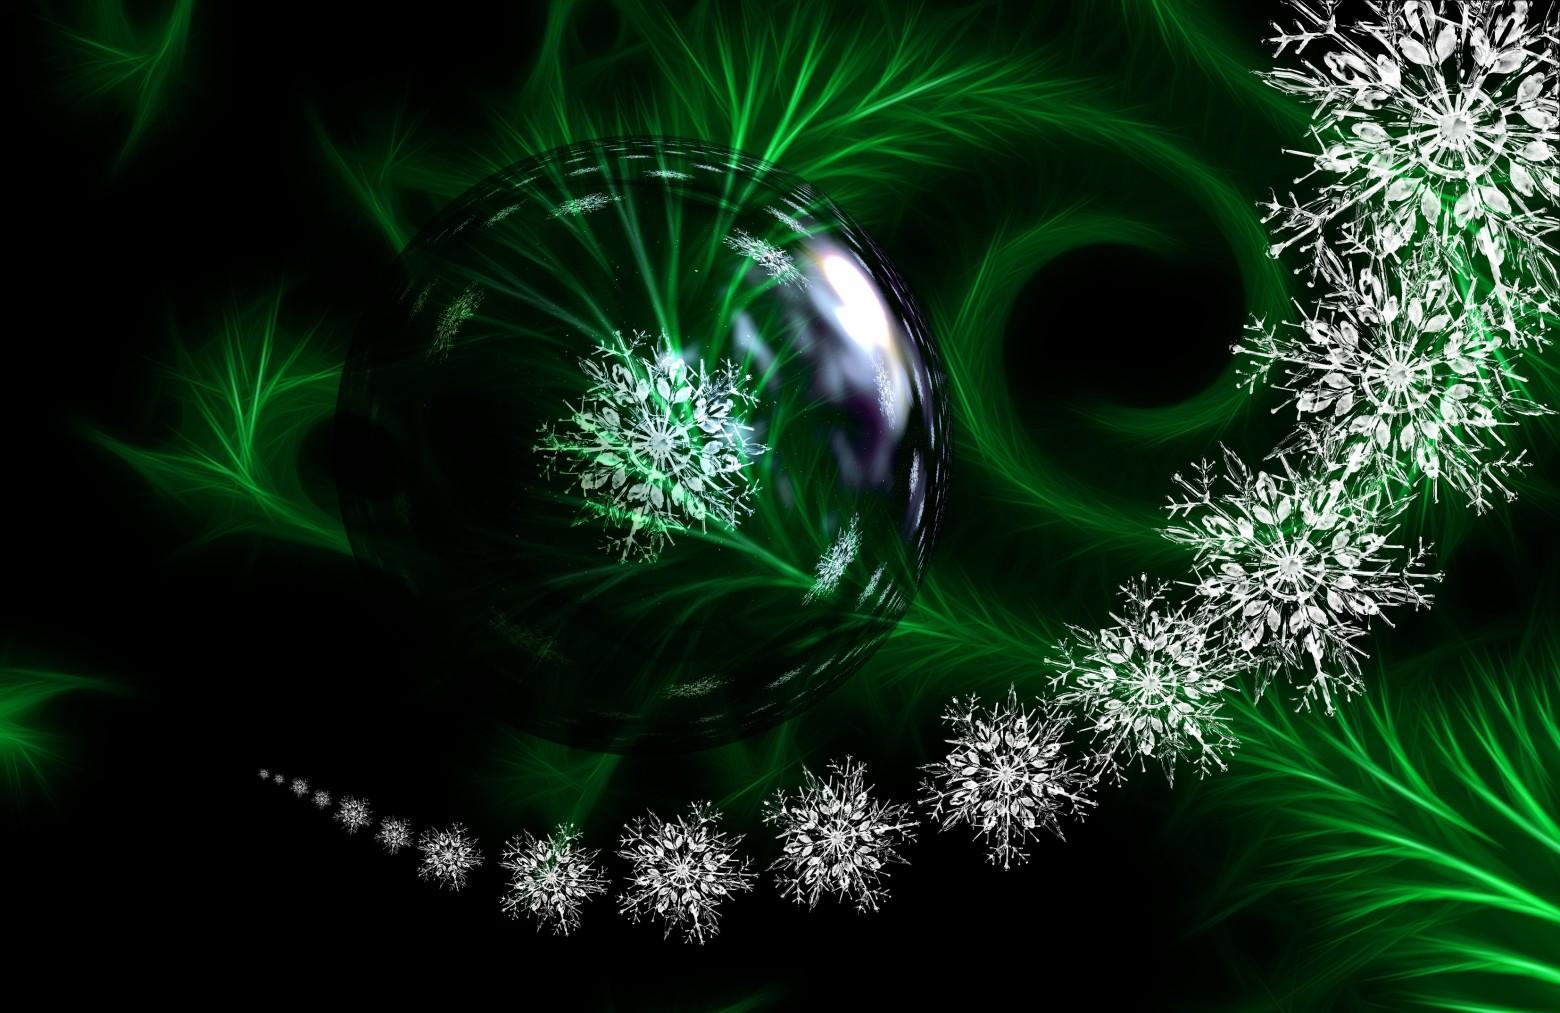 Noel images gratuites images gratuites et libres de droits - Images de noel gratuite ...